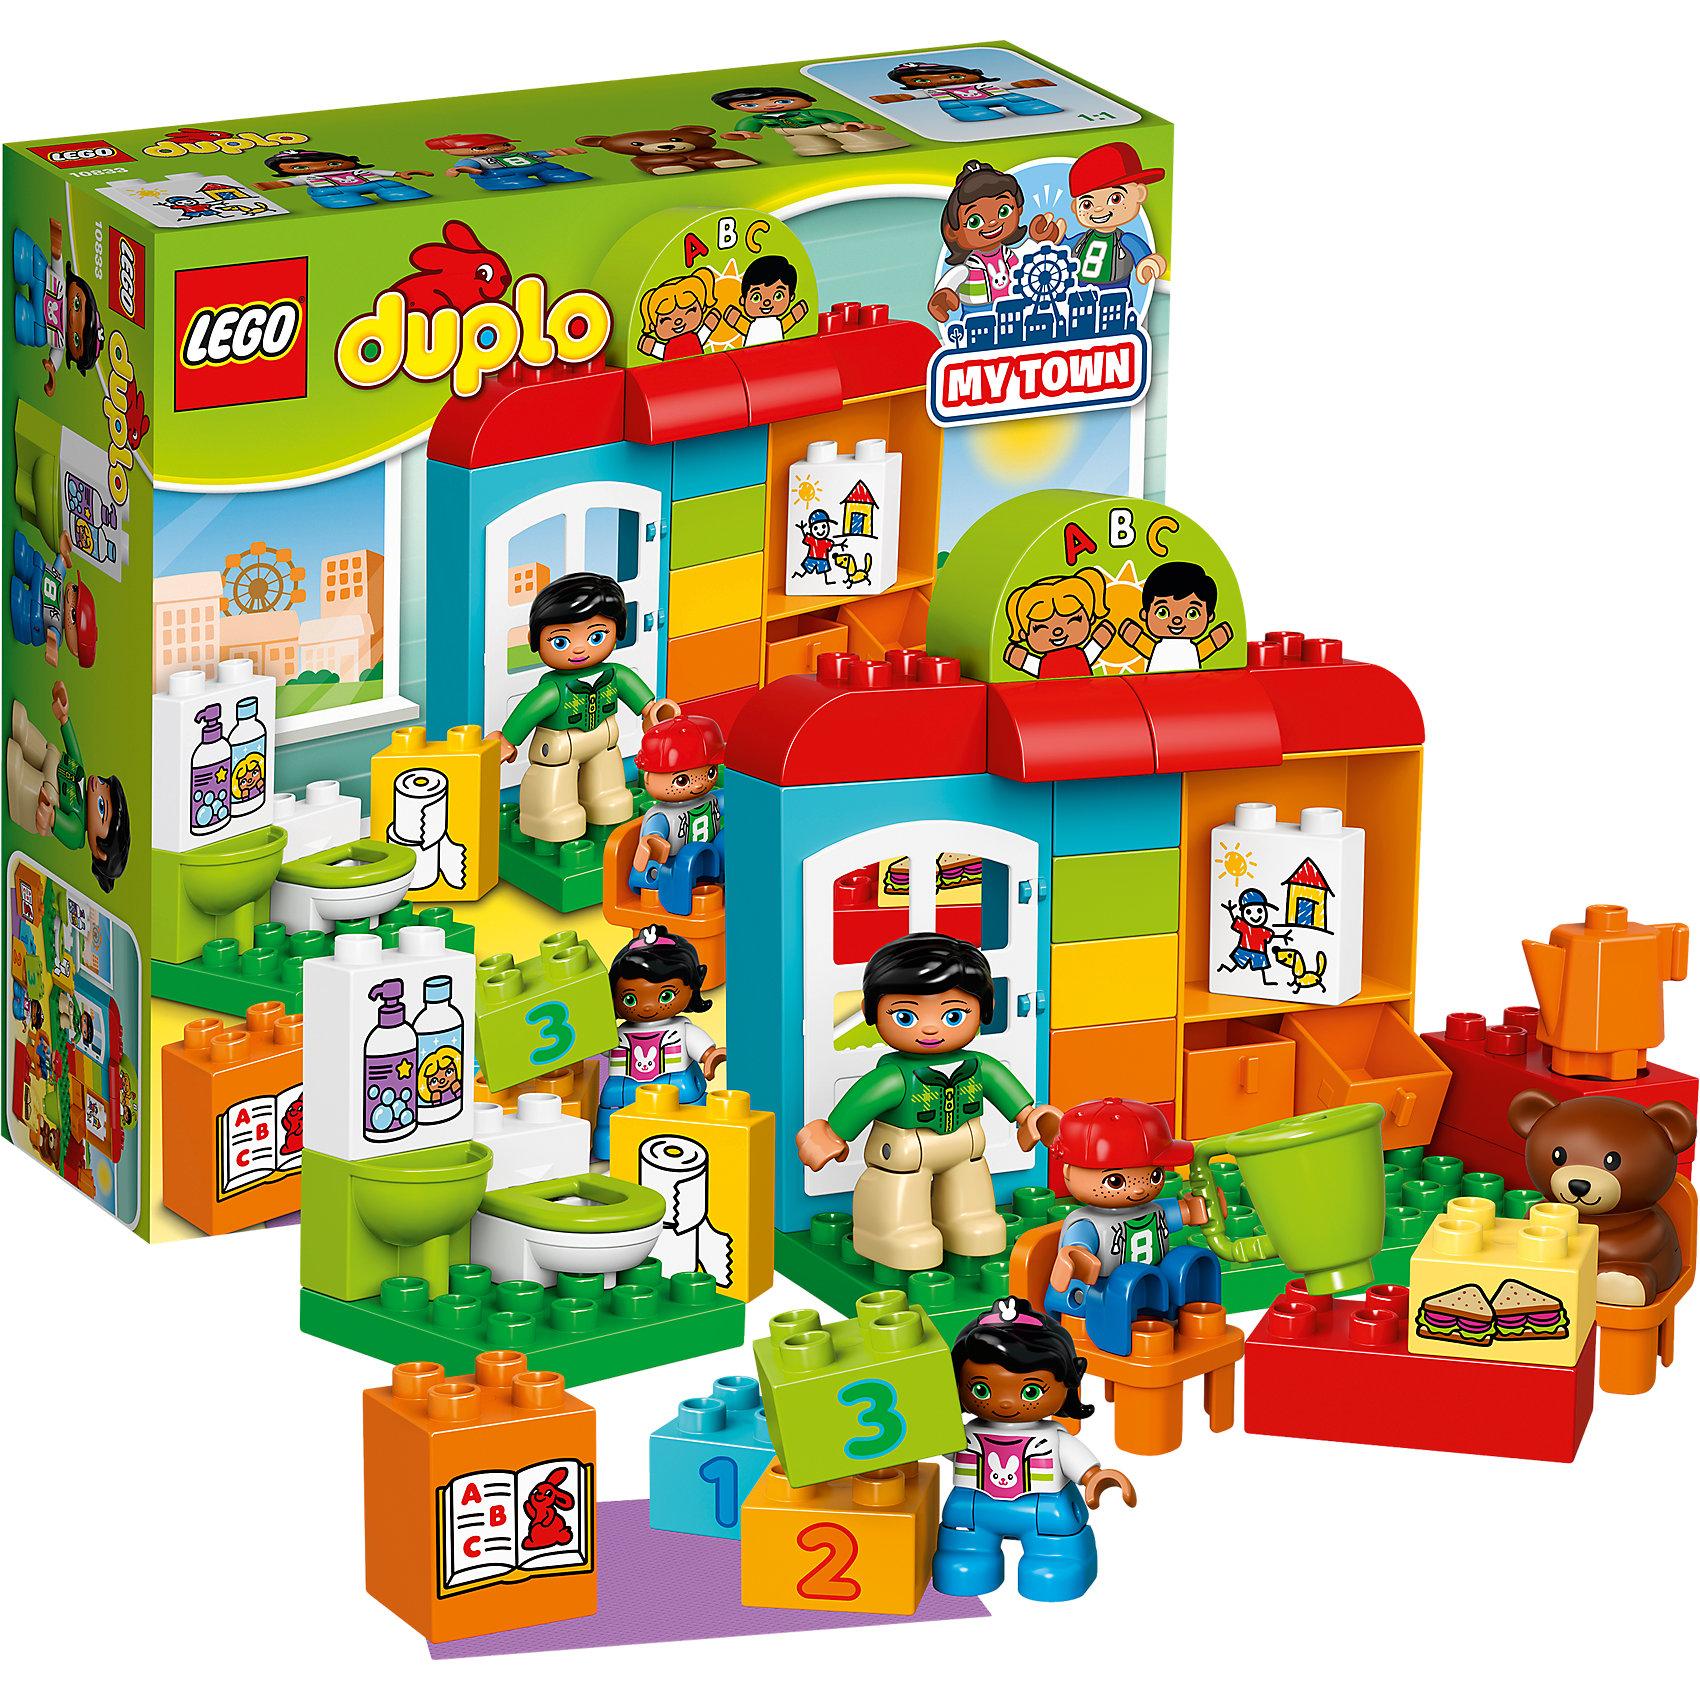 LEGO DUPLO 10833: Детский садLEGO DUPLO 10833: Детский сад<br><br>Характеристики:<br><br>- в набор входит: детали, 3 фигурки людей, фигурка мишки, аксессуары, инструкция<br>- состав: пластик<br>- количество деталей: 39<br>- для детей в возрасте: от 2 до 5 лет<br>- Страна производитель: Дания/Китай/Чехия/<br><br>Легендарный конструктор LEGO (ЛЕГО) представляет серию «DUPLO» (Д?пло) для самых маленьких. Крупные детали безопасны для малышей, а интересная тематика, возможность фантазировать, собирать из конструктора свои фигуры и играть в него приведут кроху в восторг! В этом наборе для детей открывает двери детский садик. Добрая воспитательница научит ребят рисовать картинки, считать, читать, даст вкусные бутерброды. В садике есть все необходимое для детишек от игрушек и ящичков до раковины и туалета. В набор также входит небольшой коврик для игр. Каждая фигурка отлично детализирована, в комплекте имеется фигурка воспитательницы, фигурка девочки и мальчика. Мишка может тоже сидеть на стульчике, как и дети. Играя с этим конструктором дети смогут моделировать ситуации, фантазировать, развивать моторику ручек и создавать новые фигуры. <br><br>Конструктор LEGO DUPLO 10833: Детский сад можно купить в нашем интернет-магазине.<br><br>Ширина мм: 282<br>Глубина мм: 96<br>Высота мм: 262<br>Вес г: 606<br>Возраст от месяцев: 24<br>Возраст до месяцев: 60<br>Пол: Унисекс<br>Возраст: Детский<br>SKU: 5002506